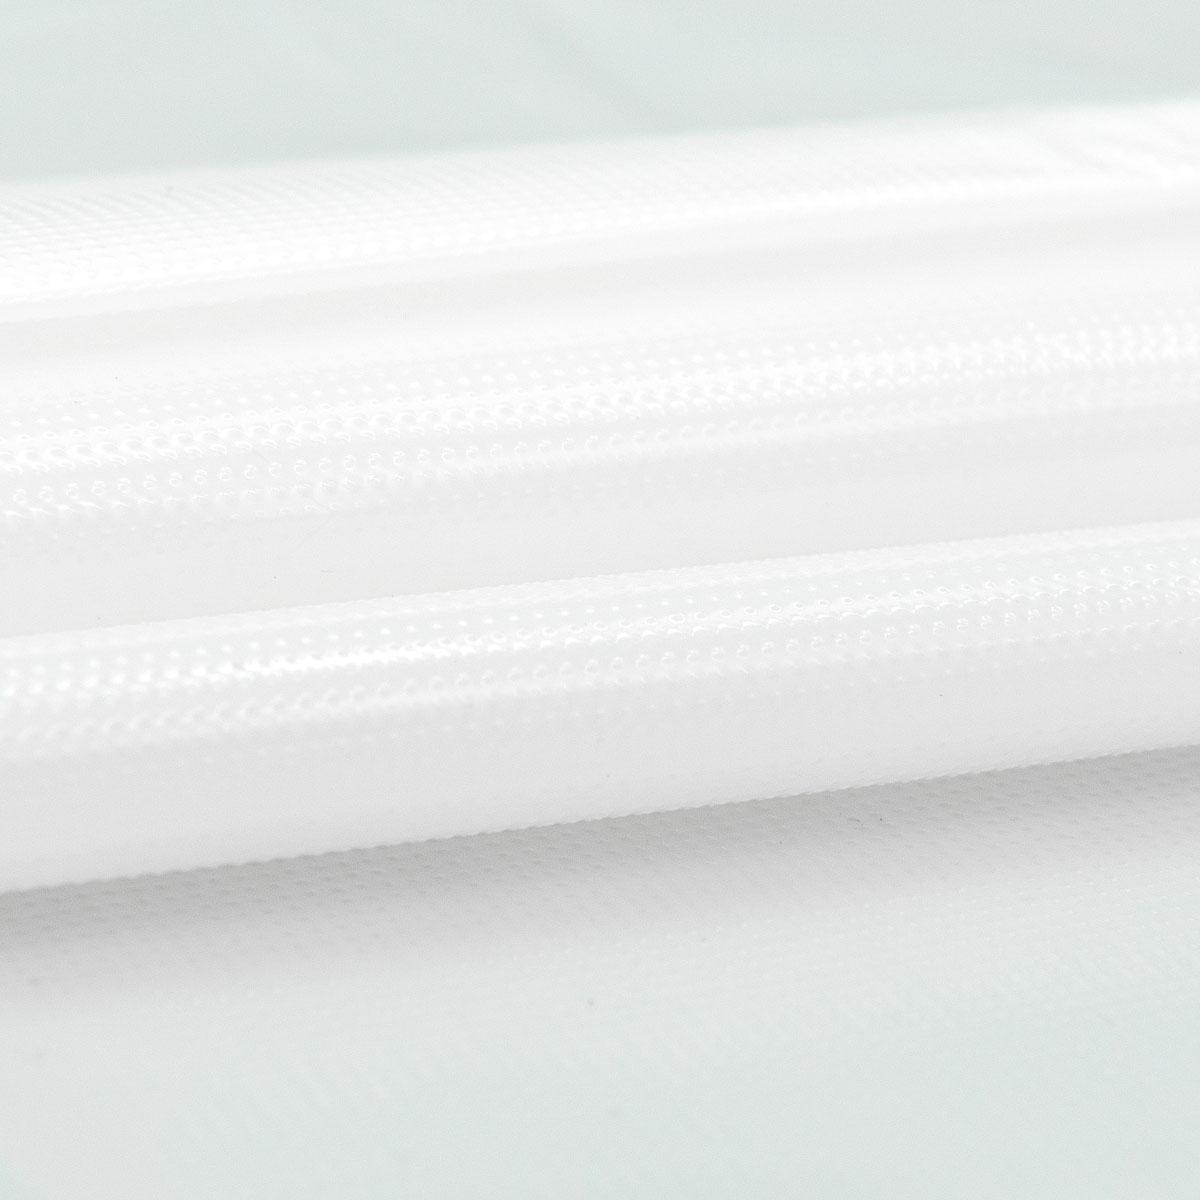 Пленка водорастворимая 71см *1м для стибилизации ткани 810300, Hobby&Pro